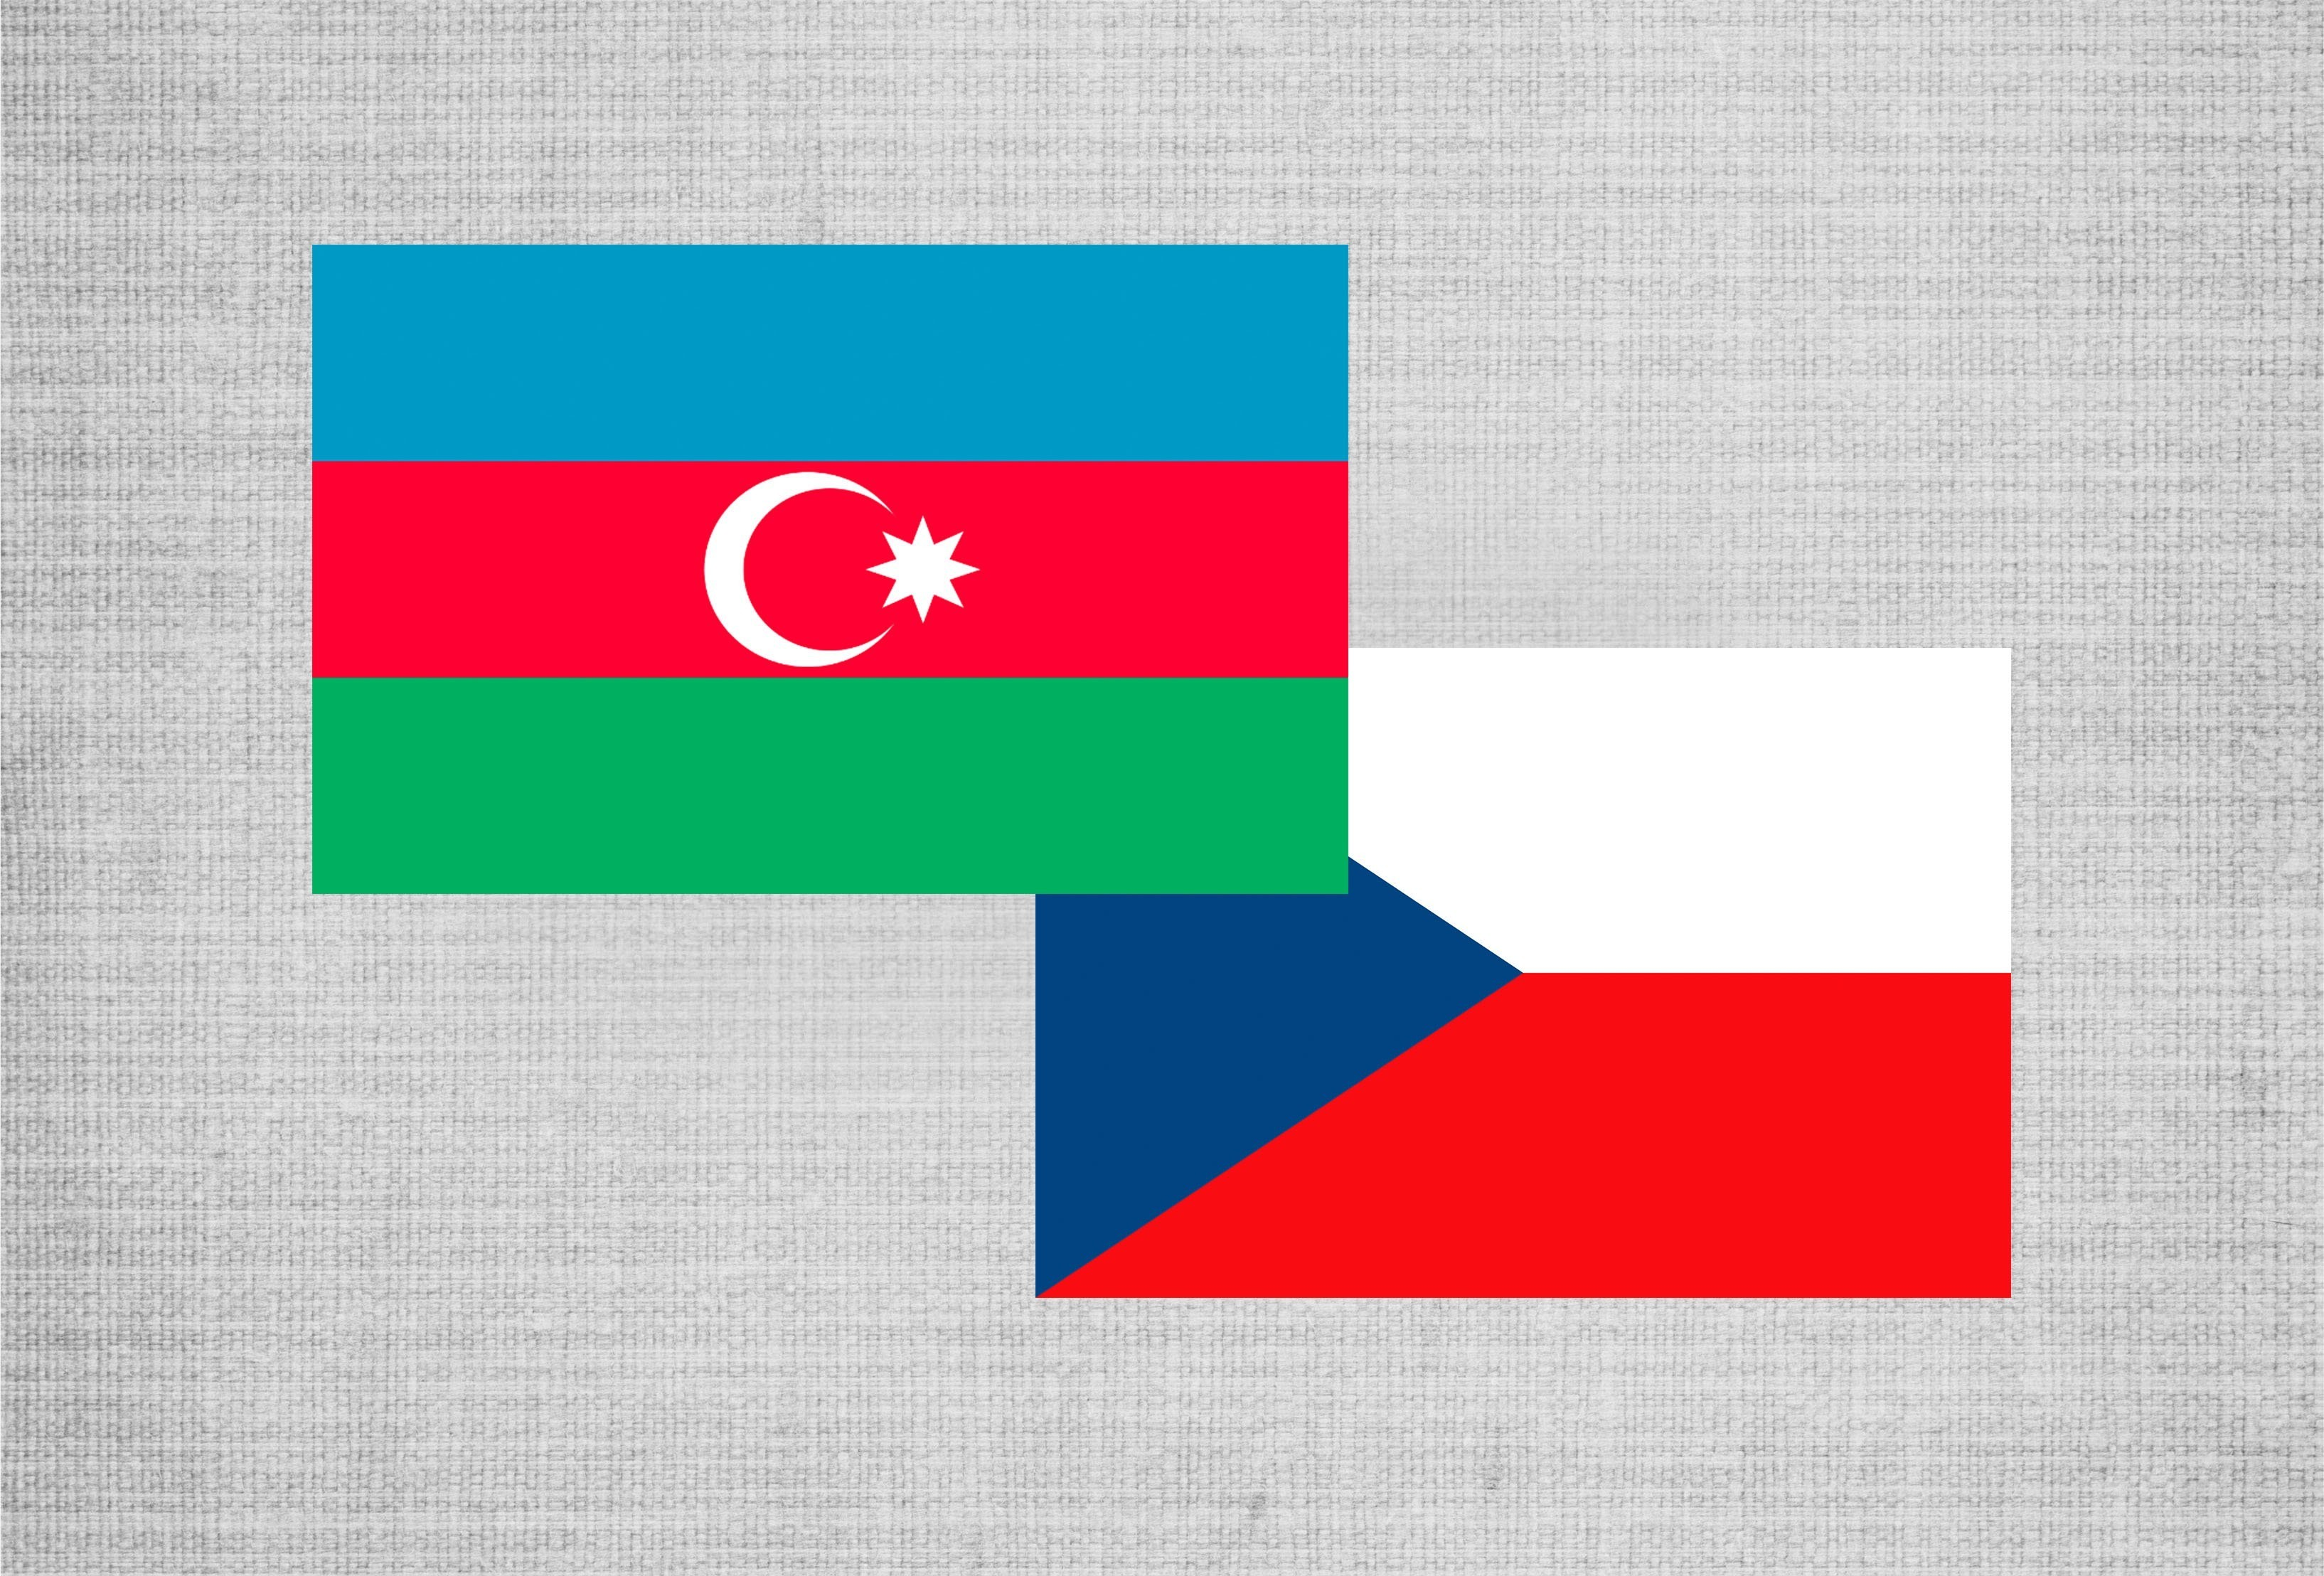 В Баку состоится азербайджано-чешский бизнес-форум